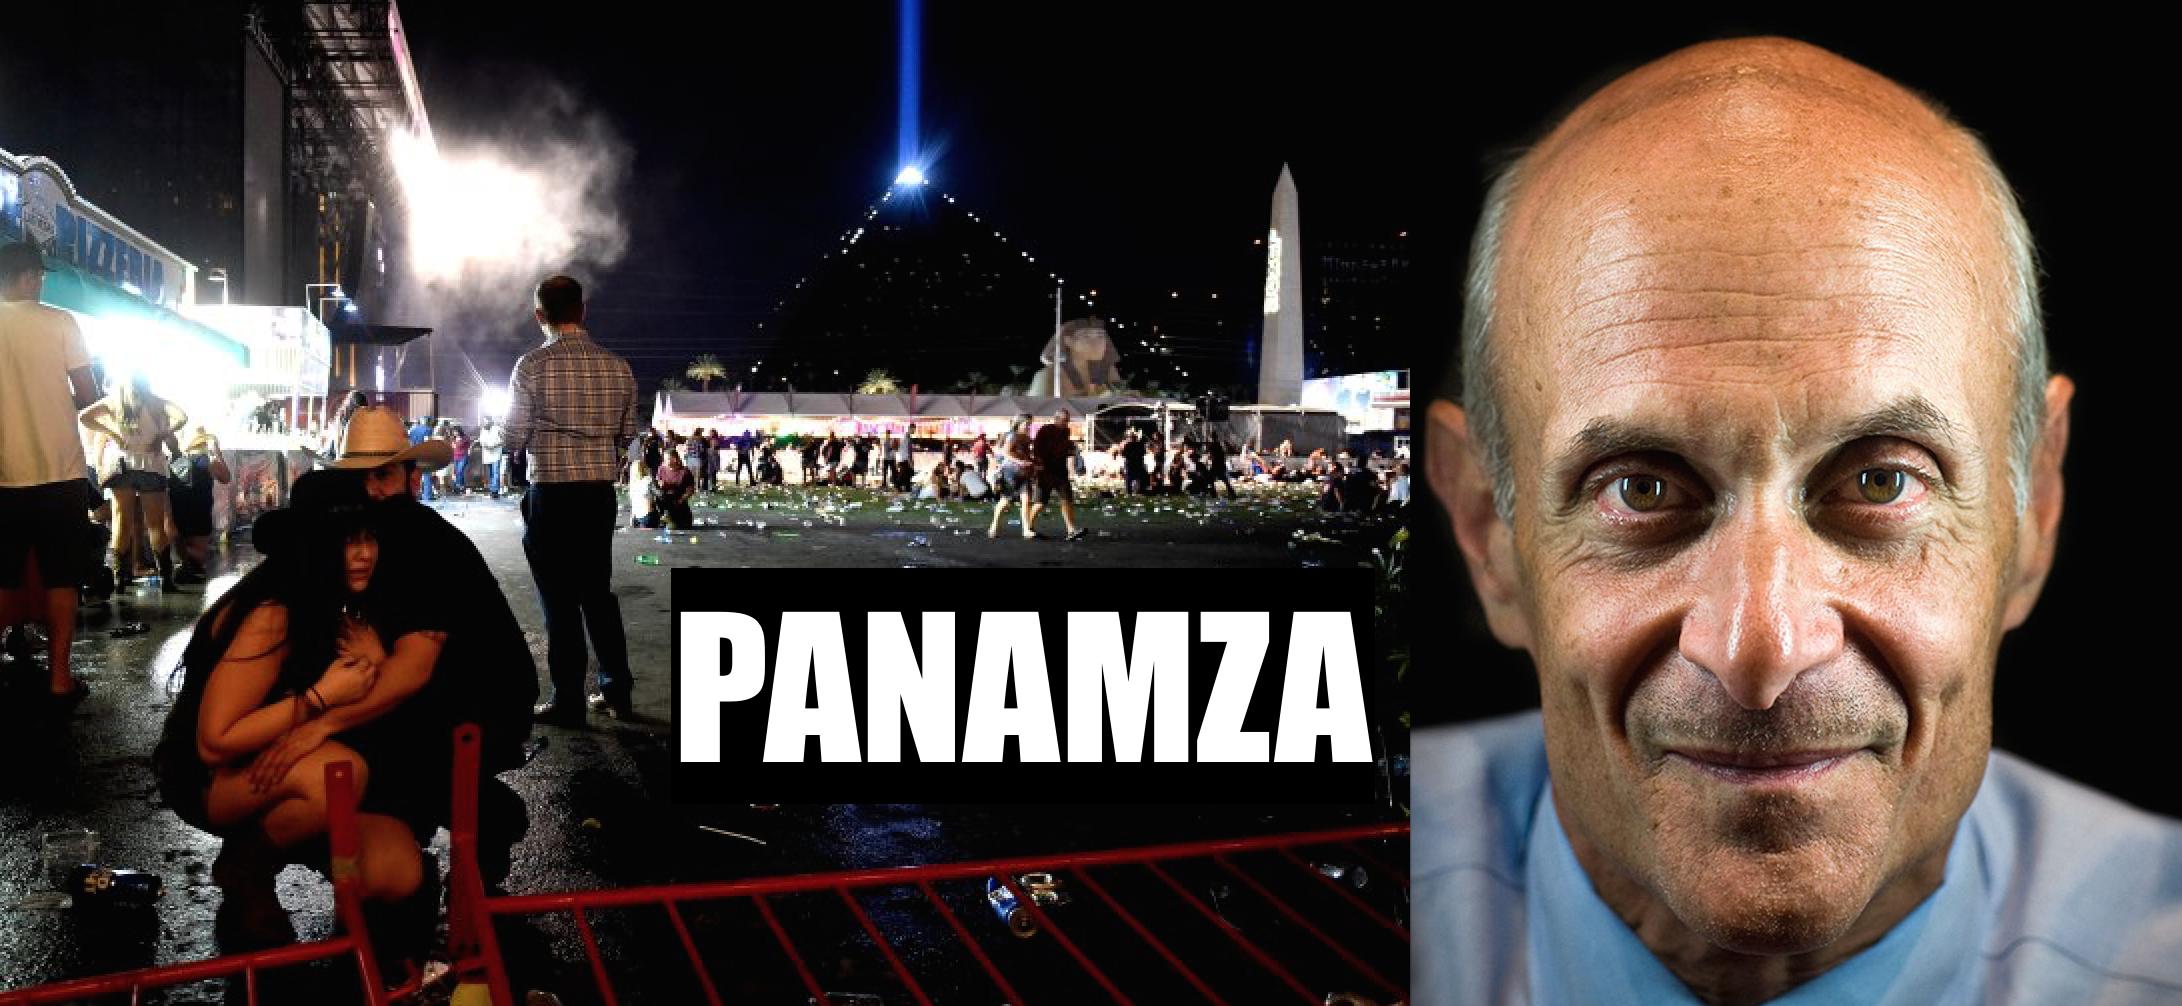 Terreur à Las Vegas : une manipulation israélo-américaine annoncée 3 semaines avant